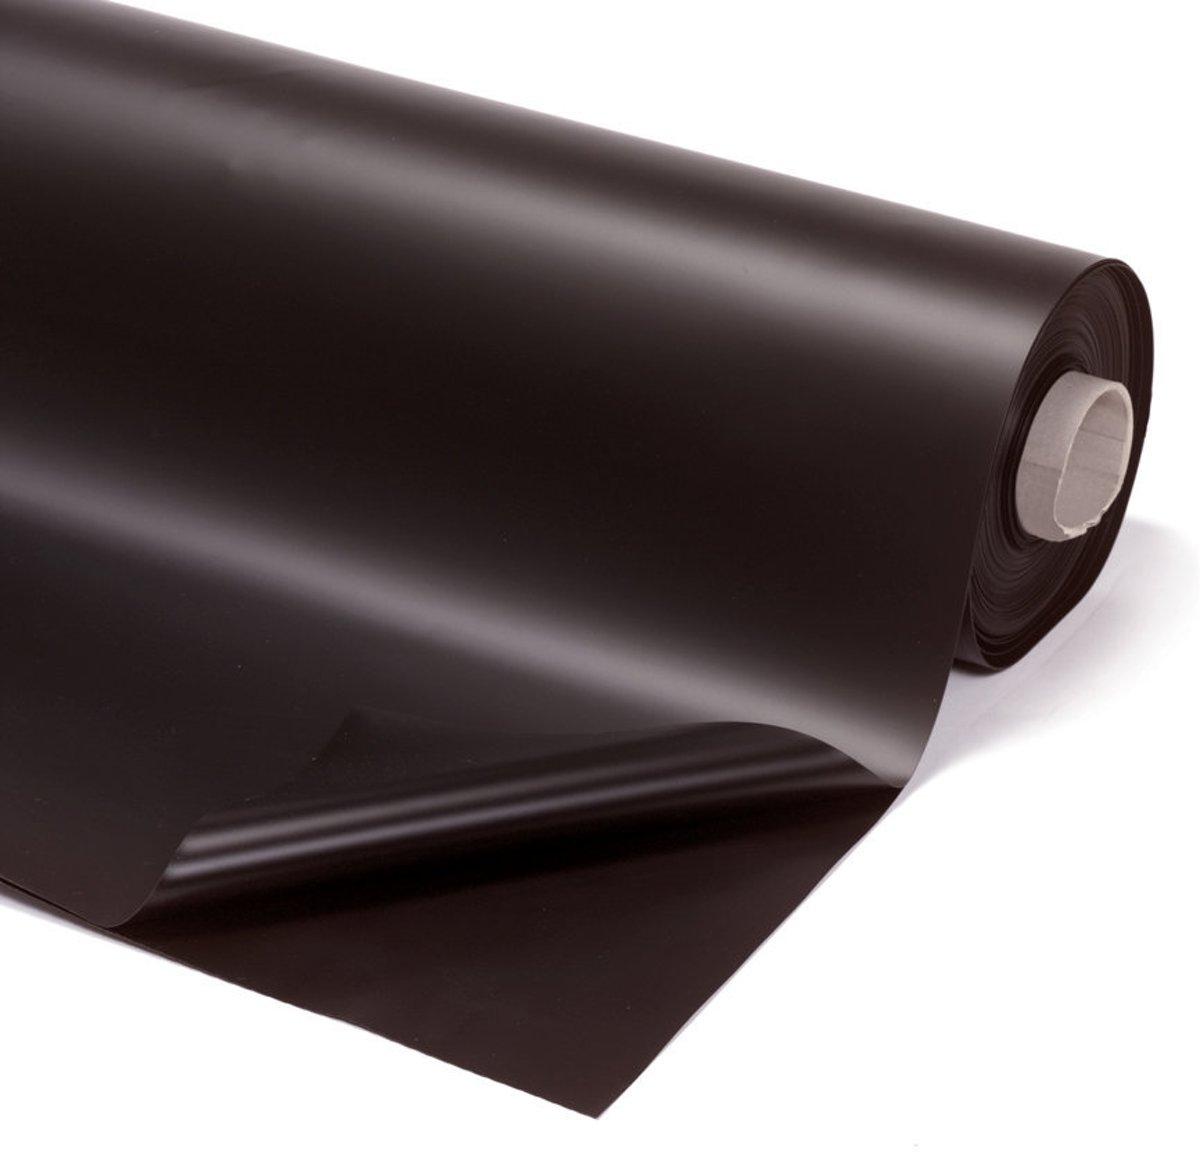 Black Beauty PVC vijverfolie op maat 4x6 meter kopen